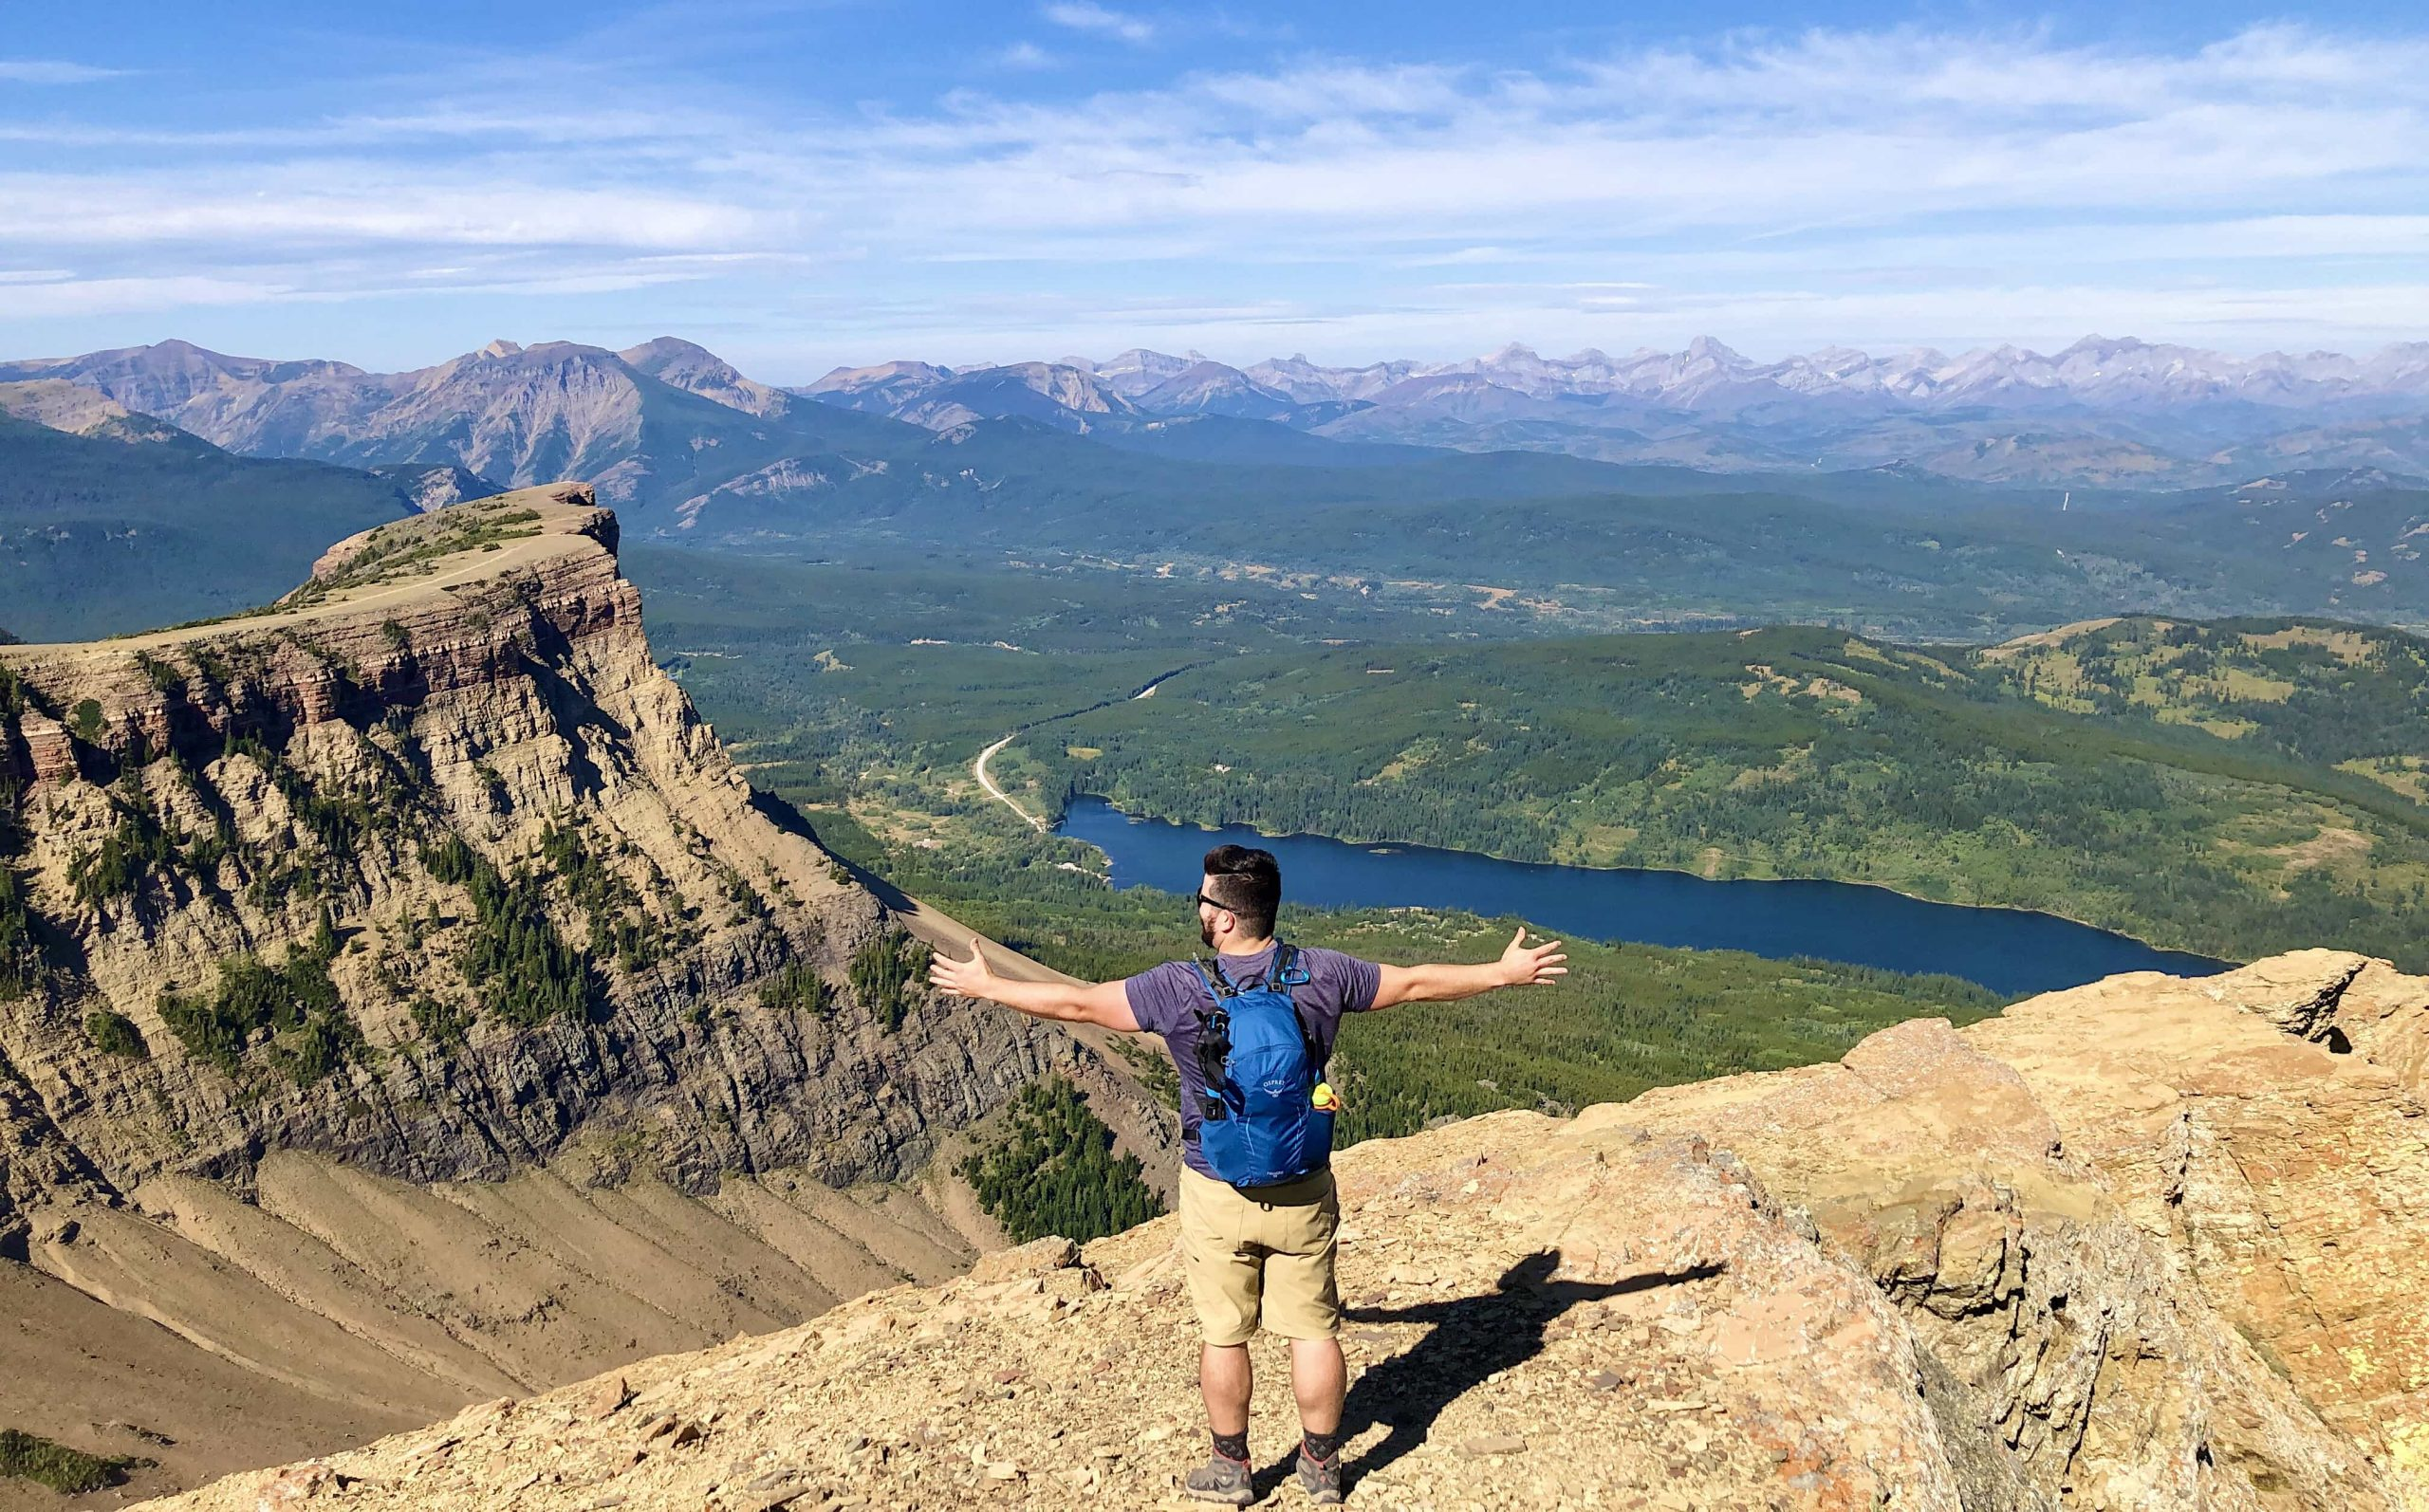 Hike via @outandacross